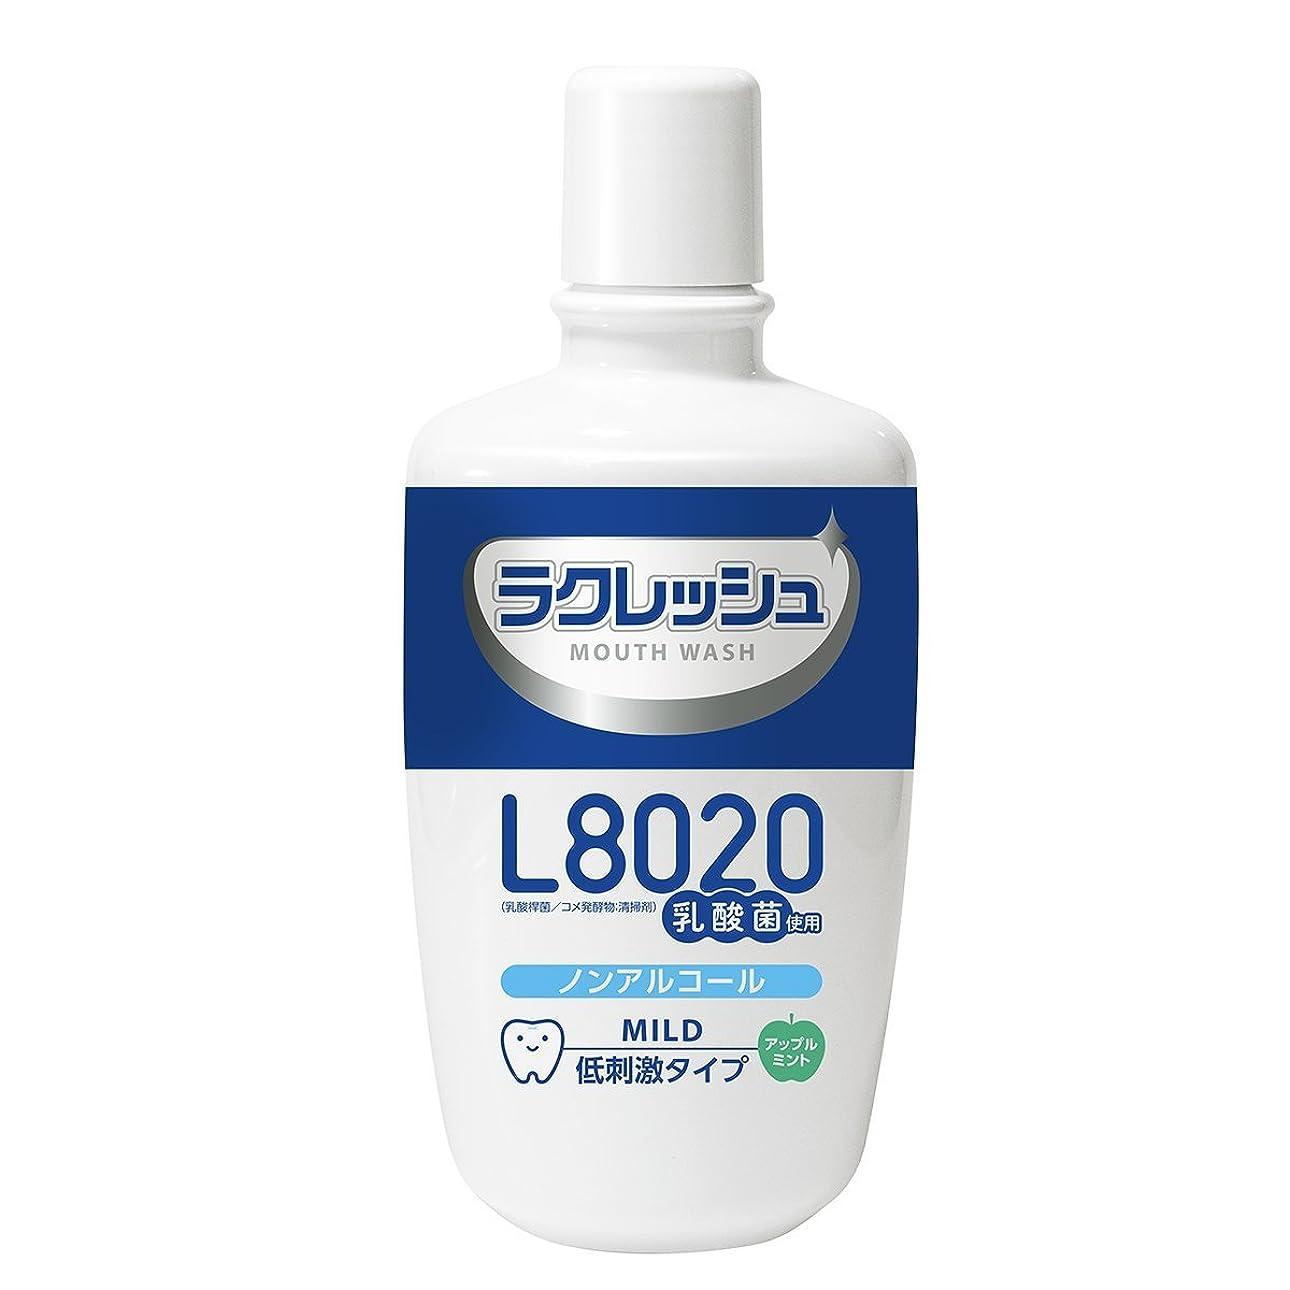 芸術的地下鉄酸化するラクレッシュ L8020菌 マウスウォッシュ 12本セット (約6か月分)